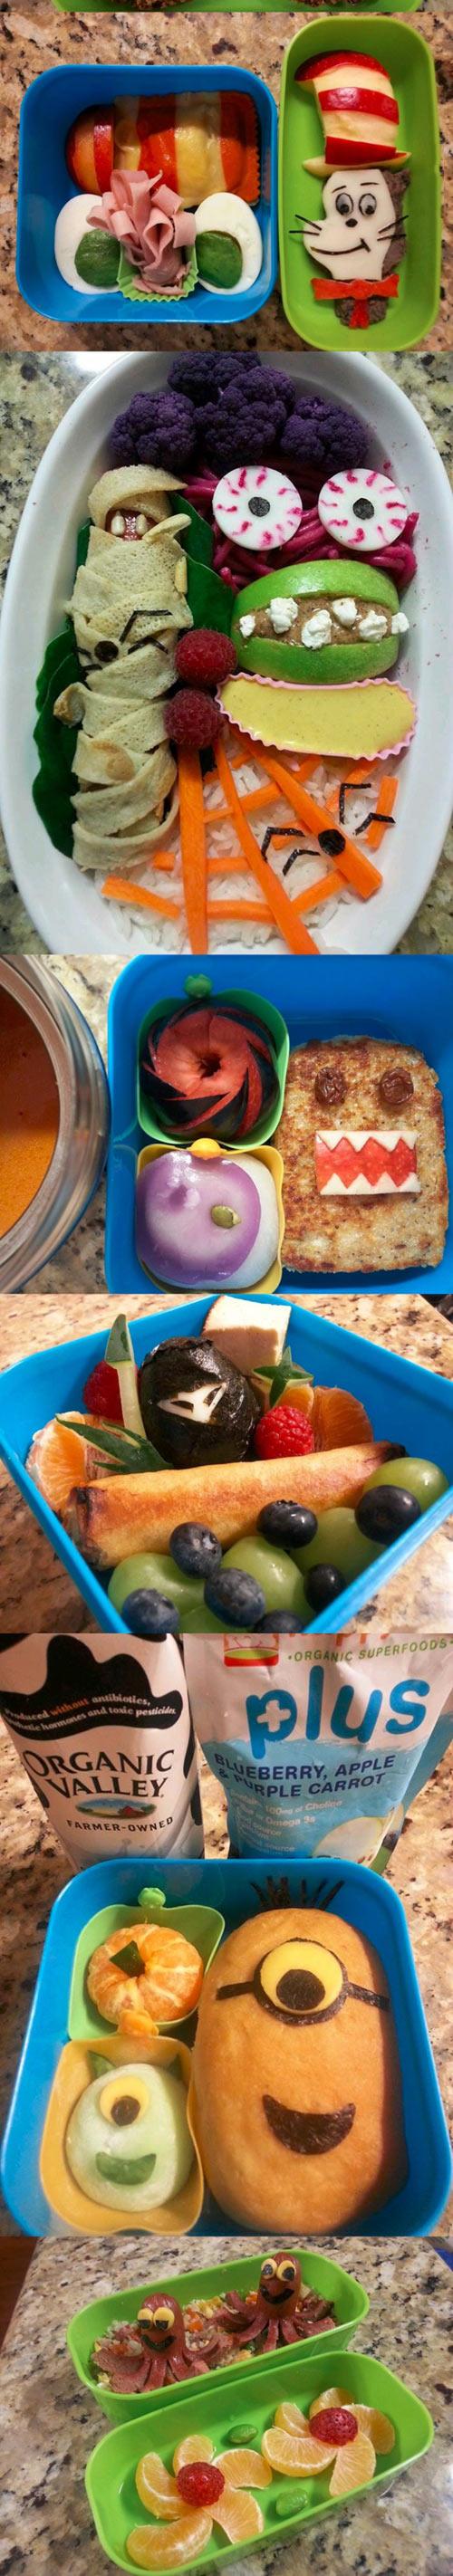 Pra inspirar as refeições dos pequenos. =)